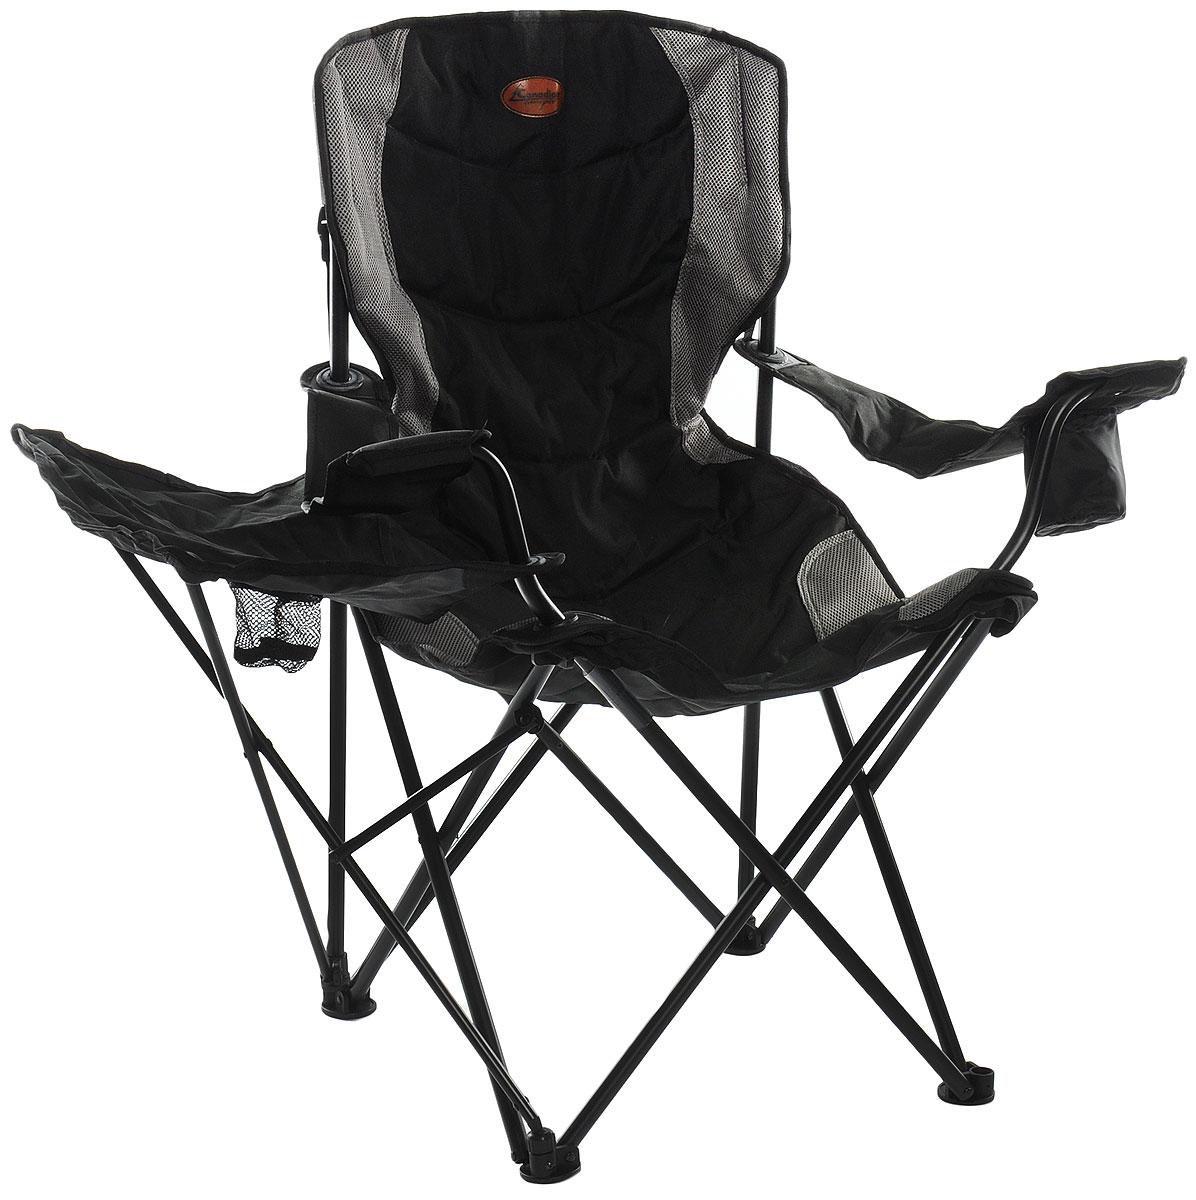 Кресло складное Canadian Camper CC-399T, цвет: черный, серый, 58 см х 66 см х 107 см нож canadian camper цвет красный стальной 21 см cc n300 203